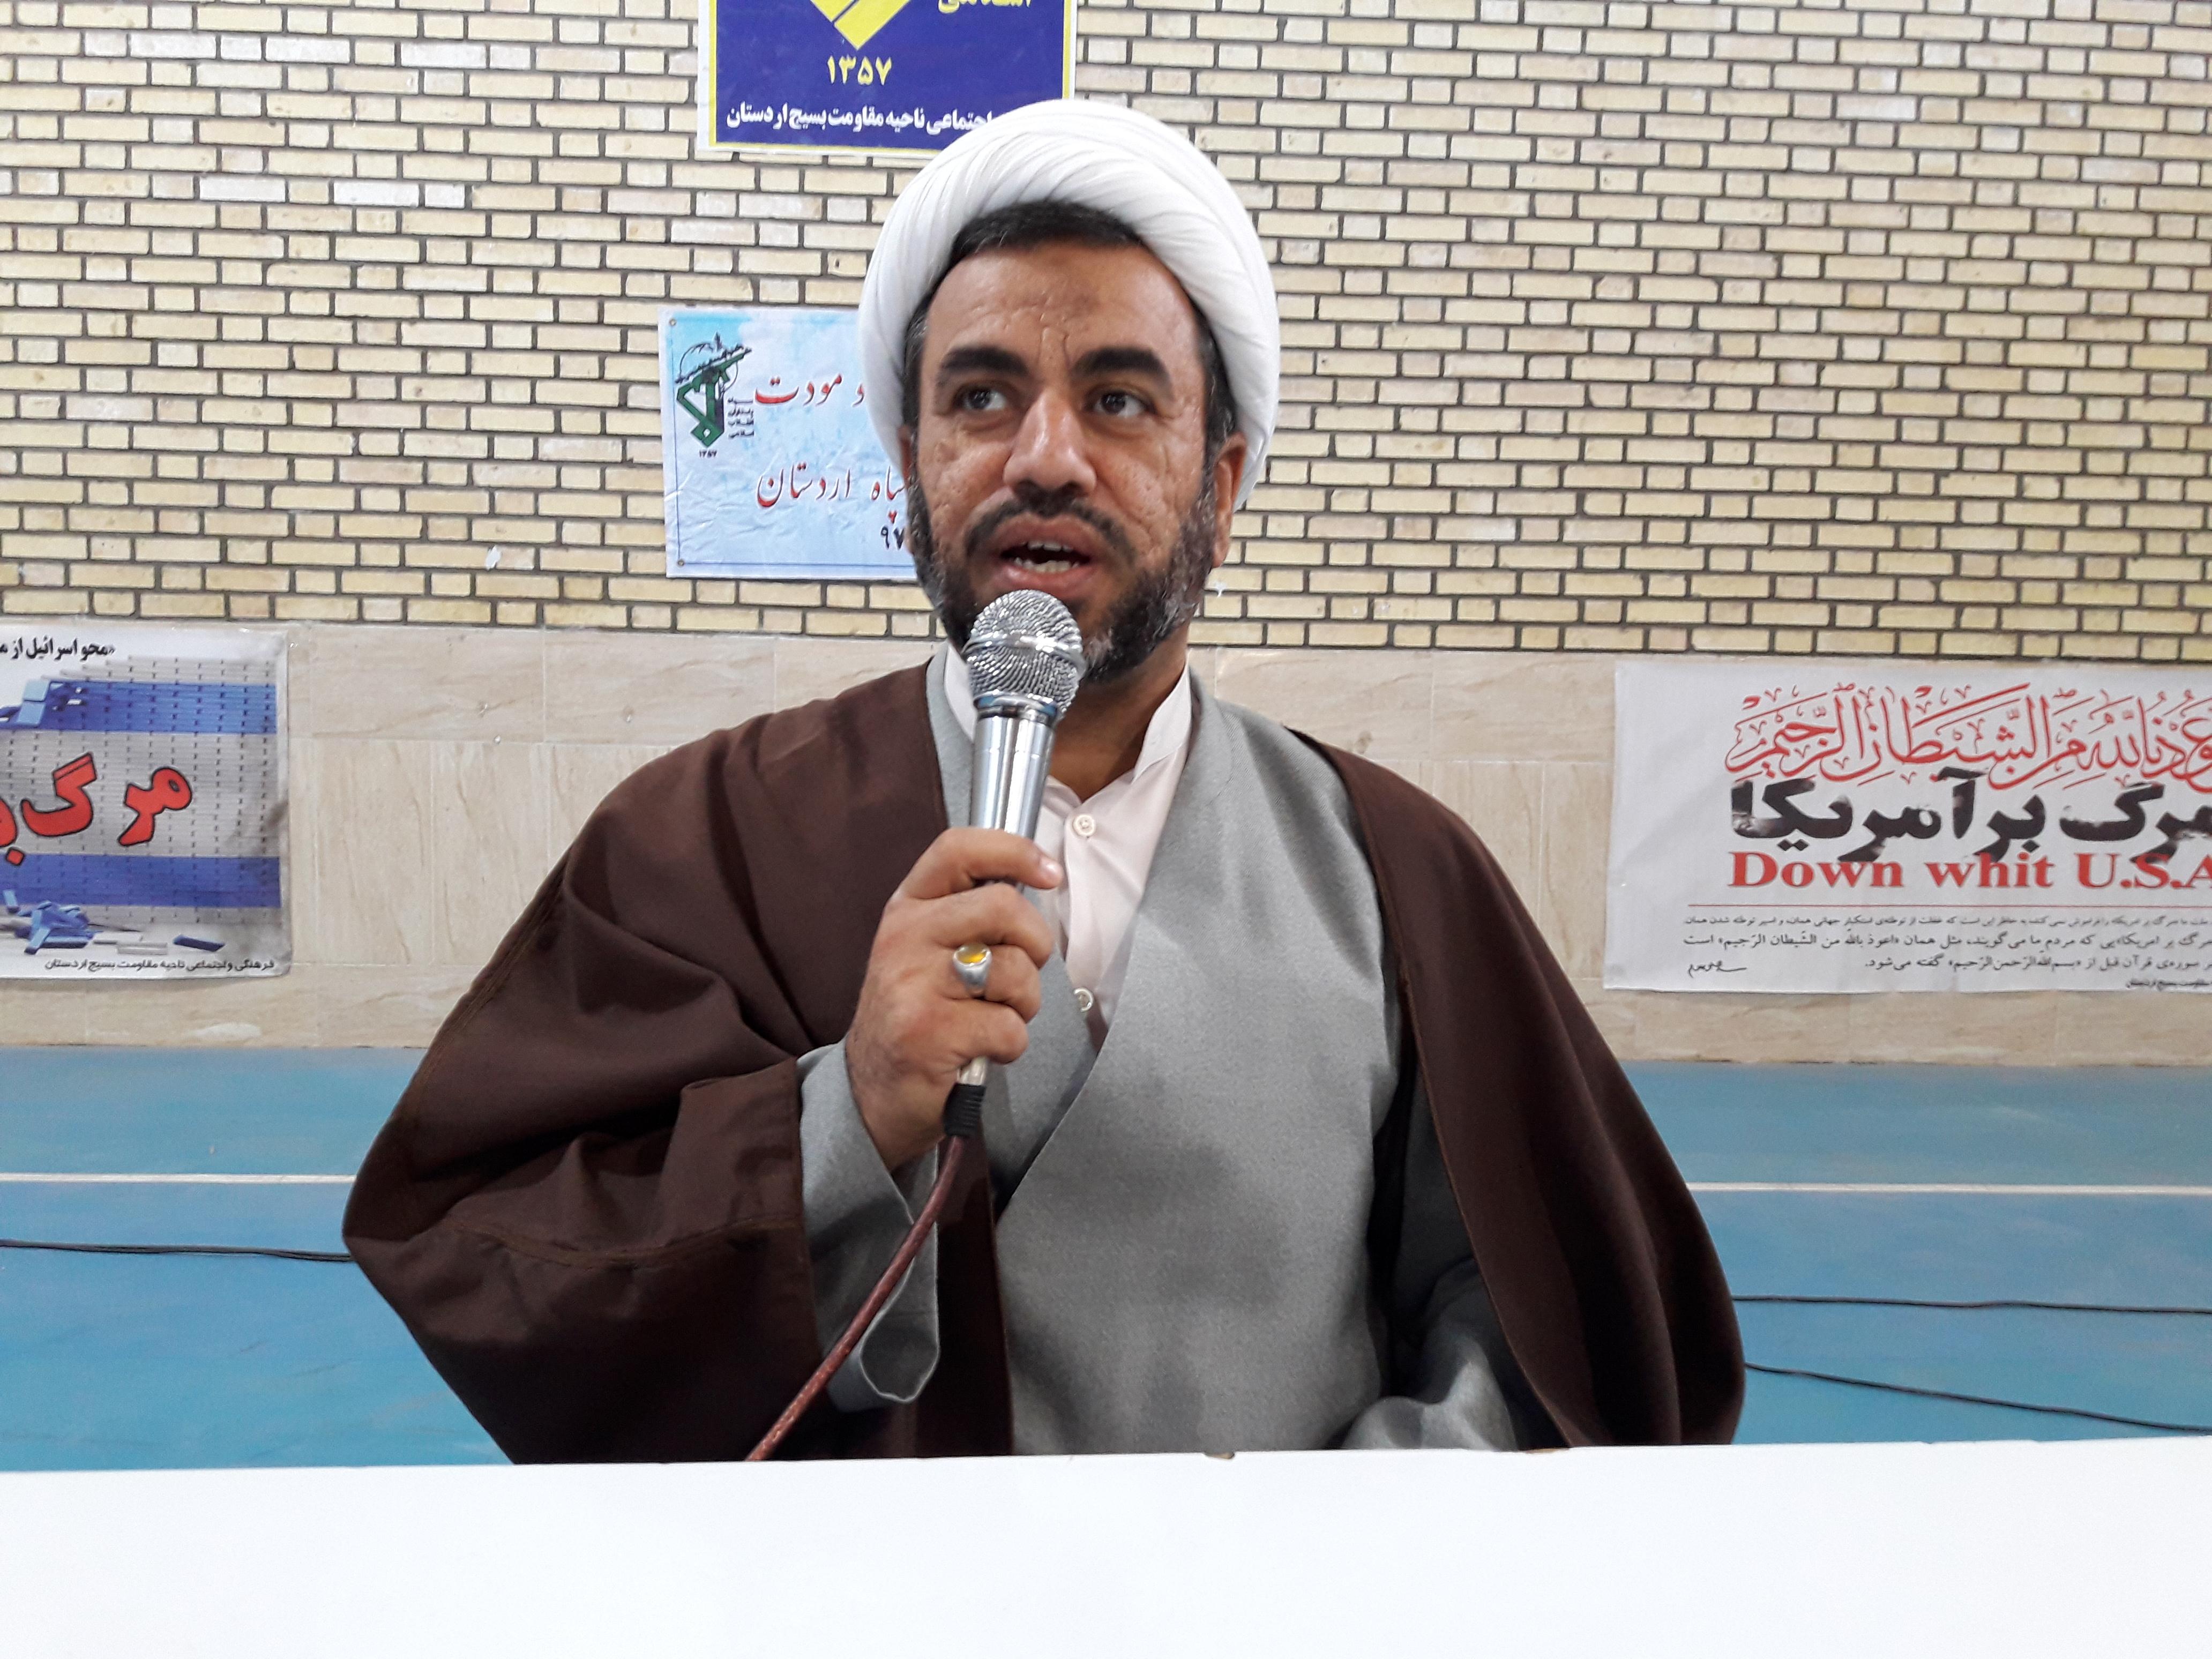 پیشرفت انقلاب اسلامی در گرو تفکر جهادی و انقلابی است